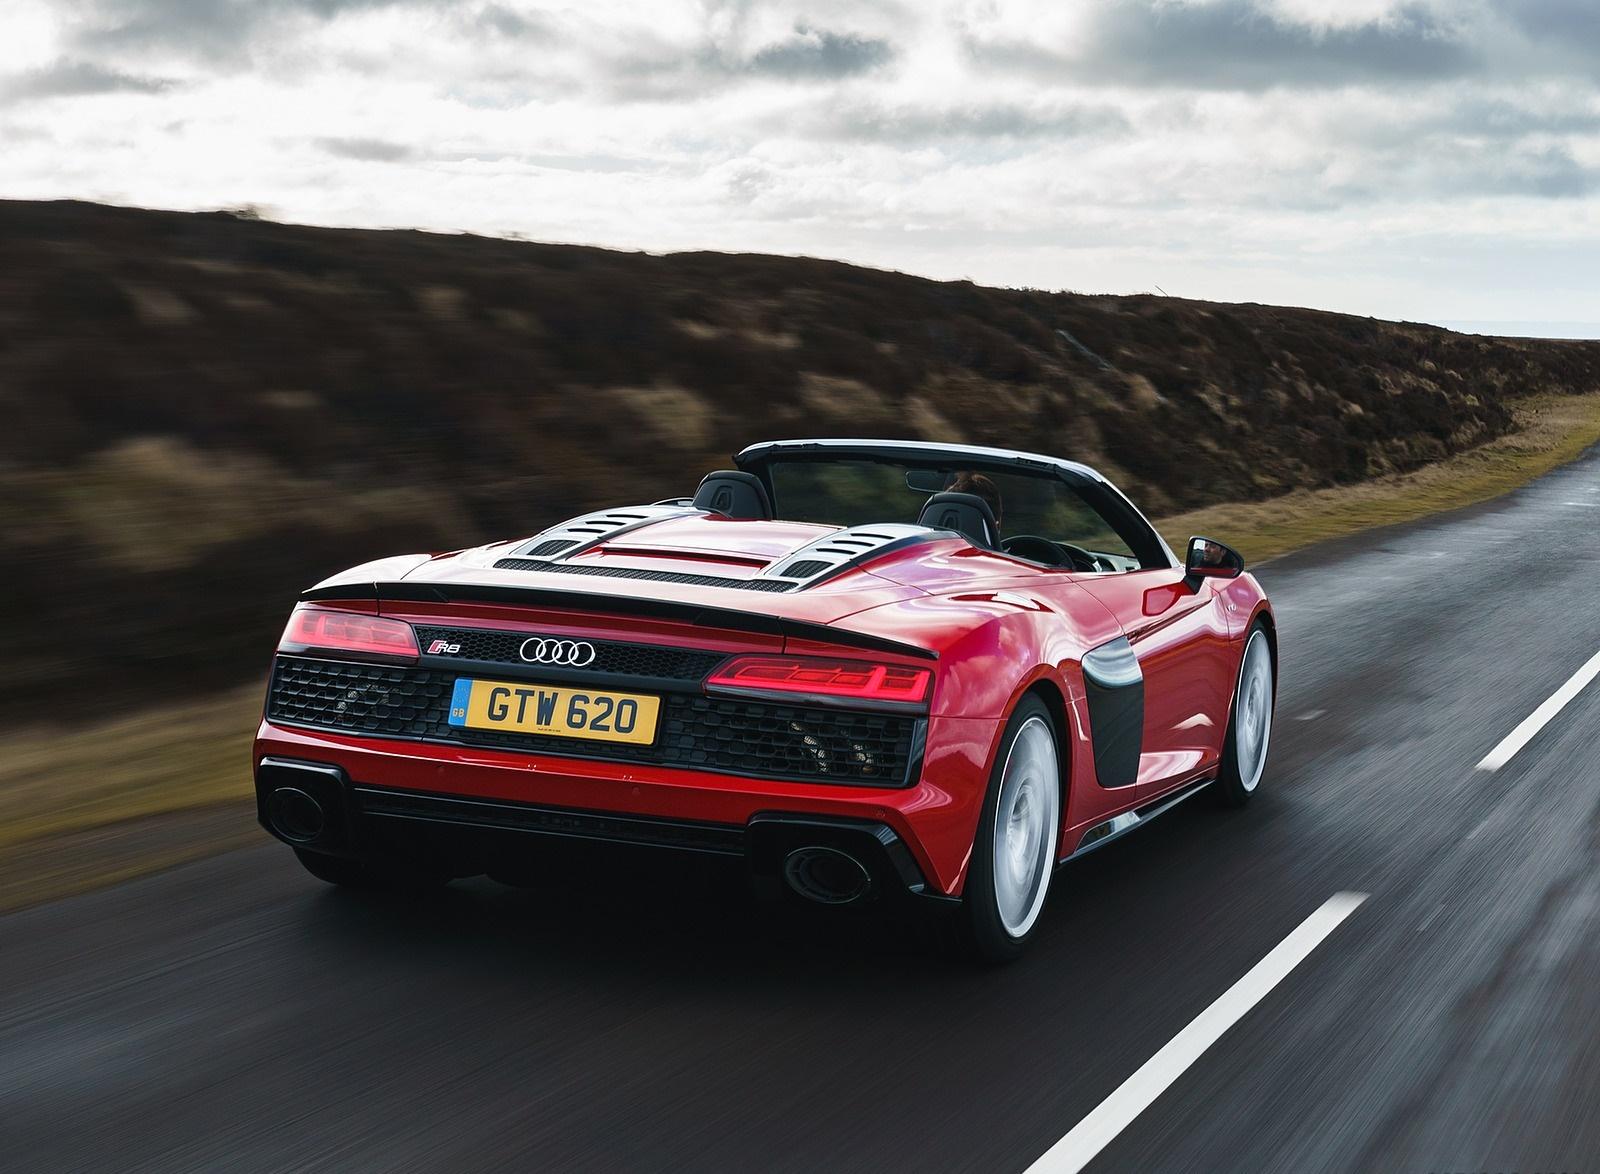 2019 Audi R8 V10 Spyder Performance quattro (UK-Spec) Rear Three-Quarter Wallpaper (7)